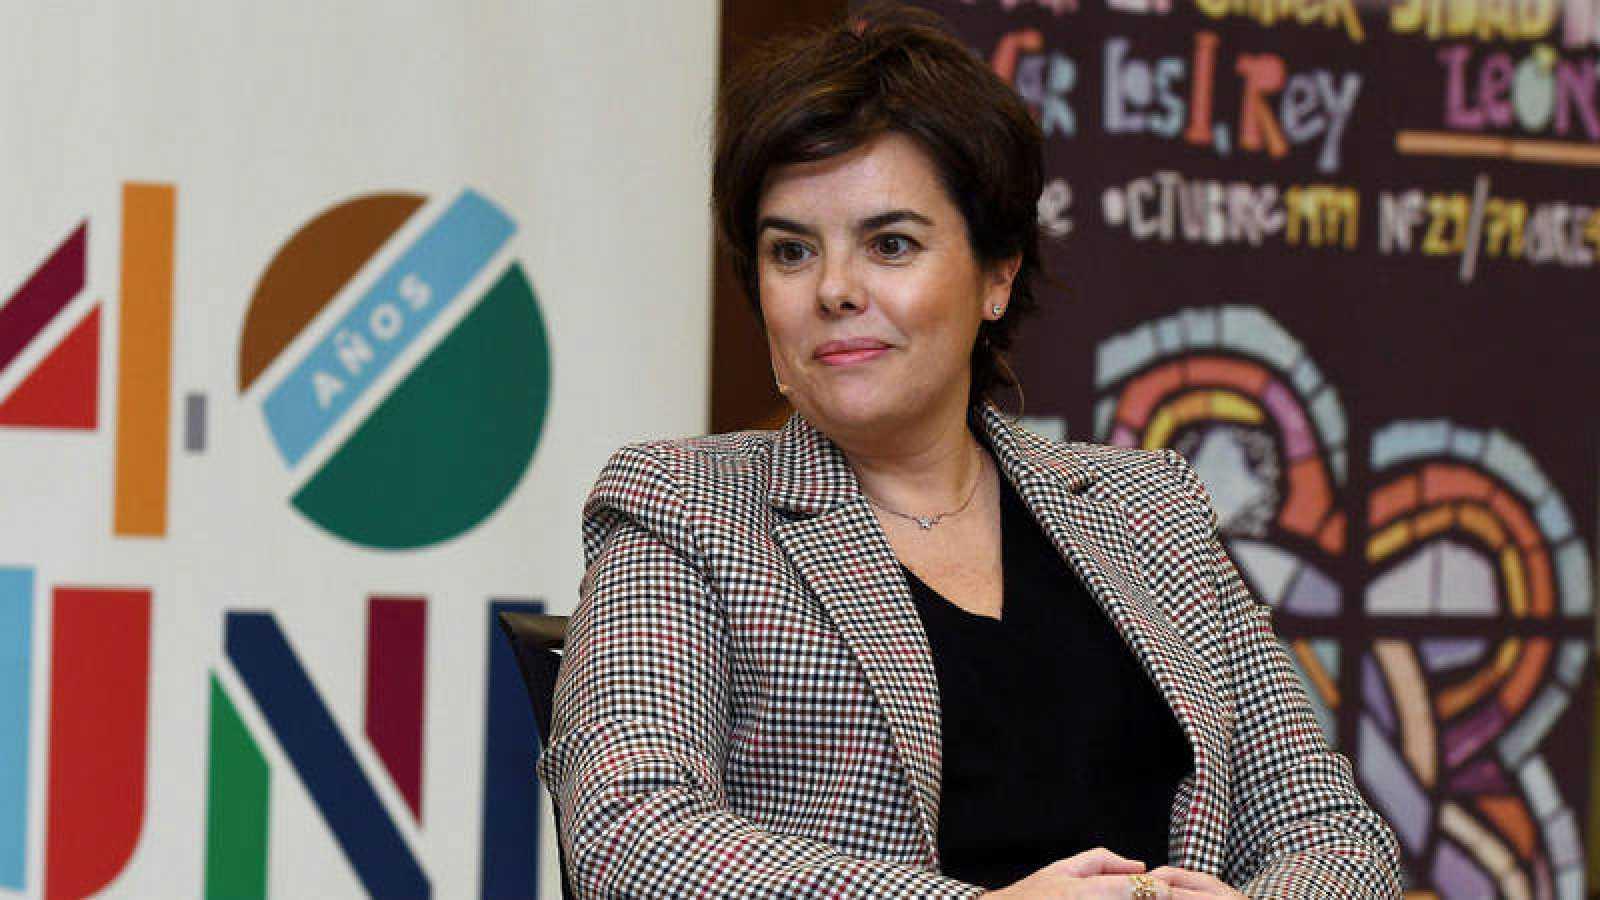 La exvicepresidenta del Gobierno Soraya Sáez de Santamaría en una imagen de archivo